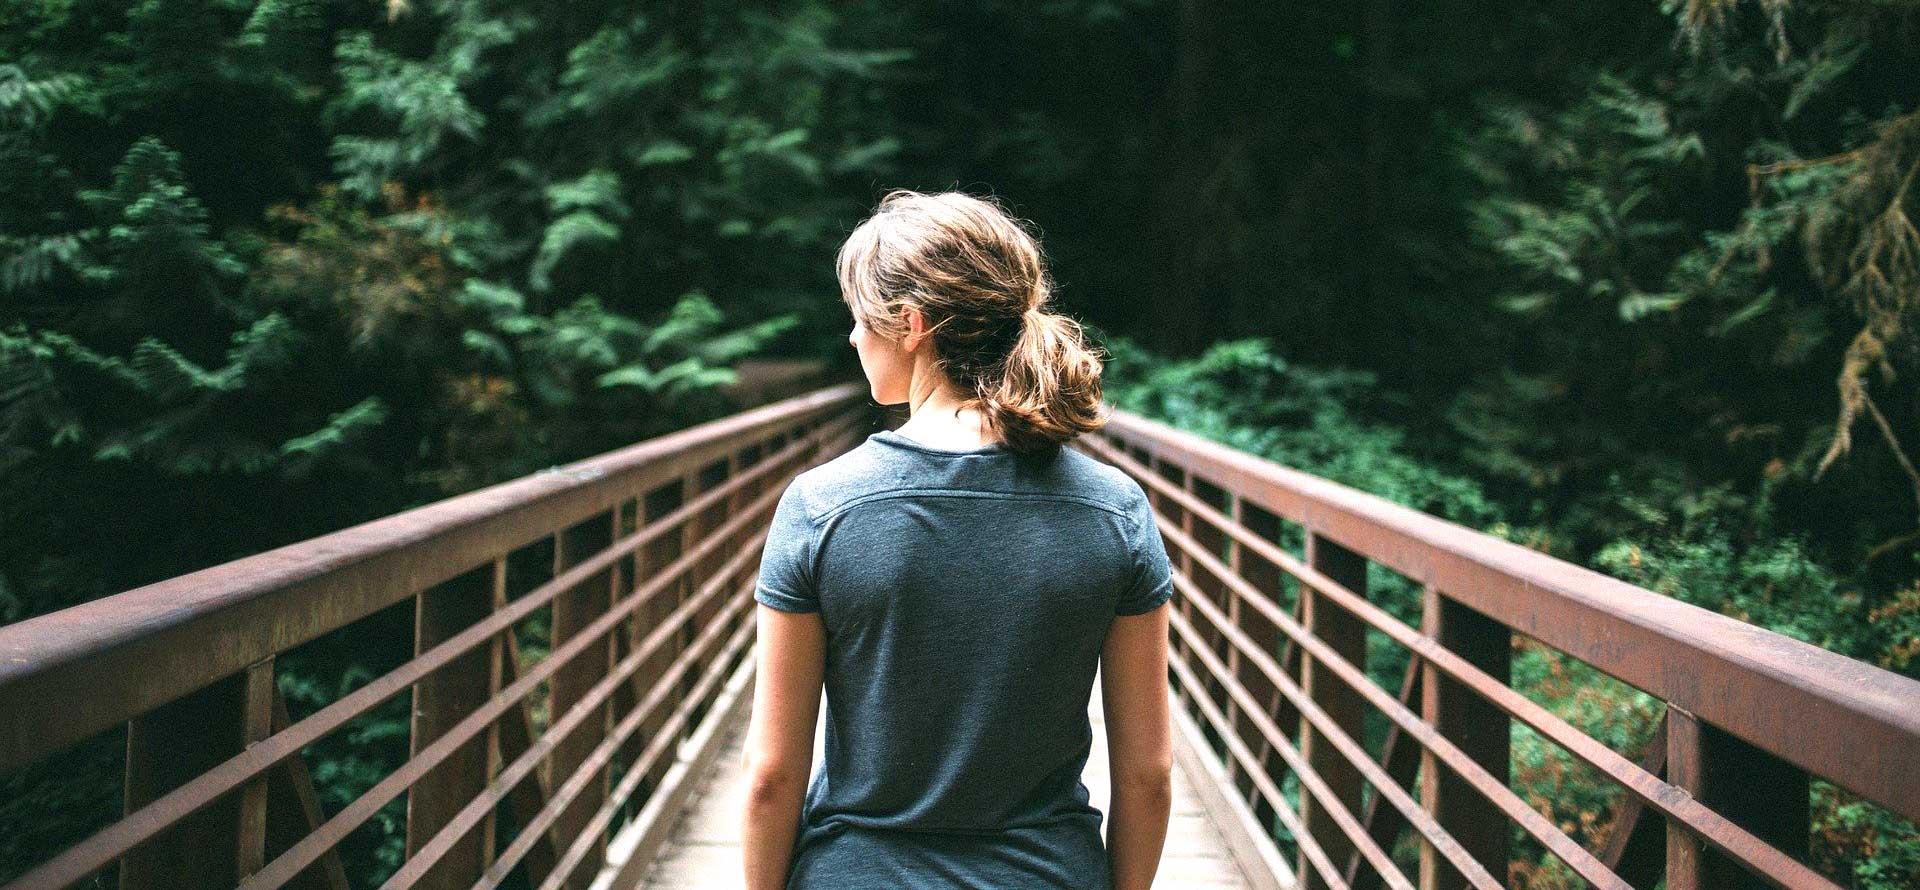 Bewegung an der frischen Luft kann Kopfschmerzen